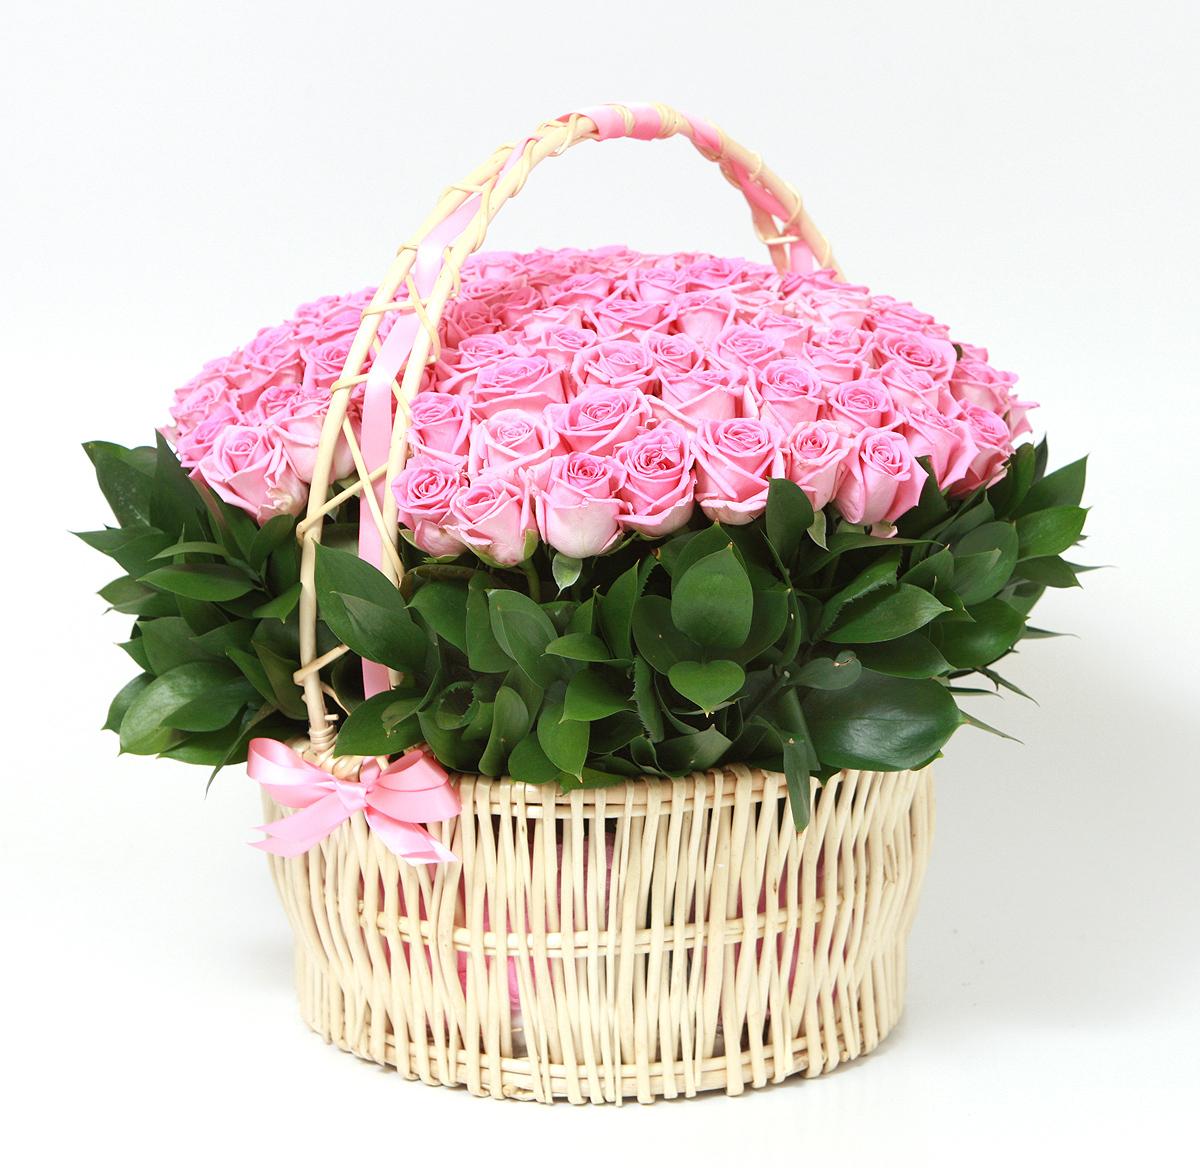 Новый год, открытка с букетом роз в корзине